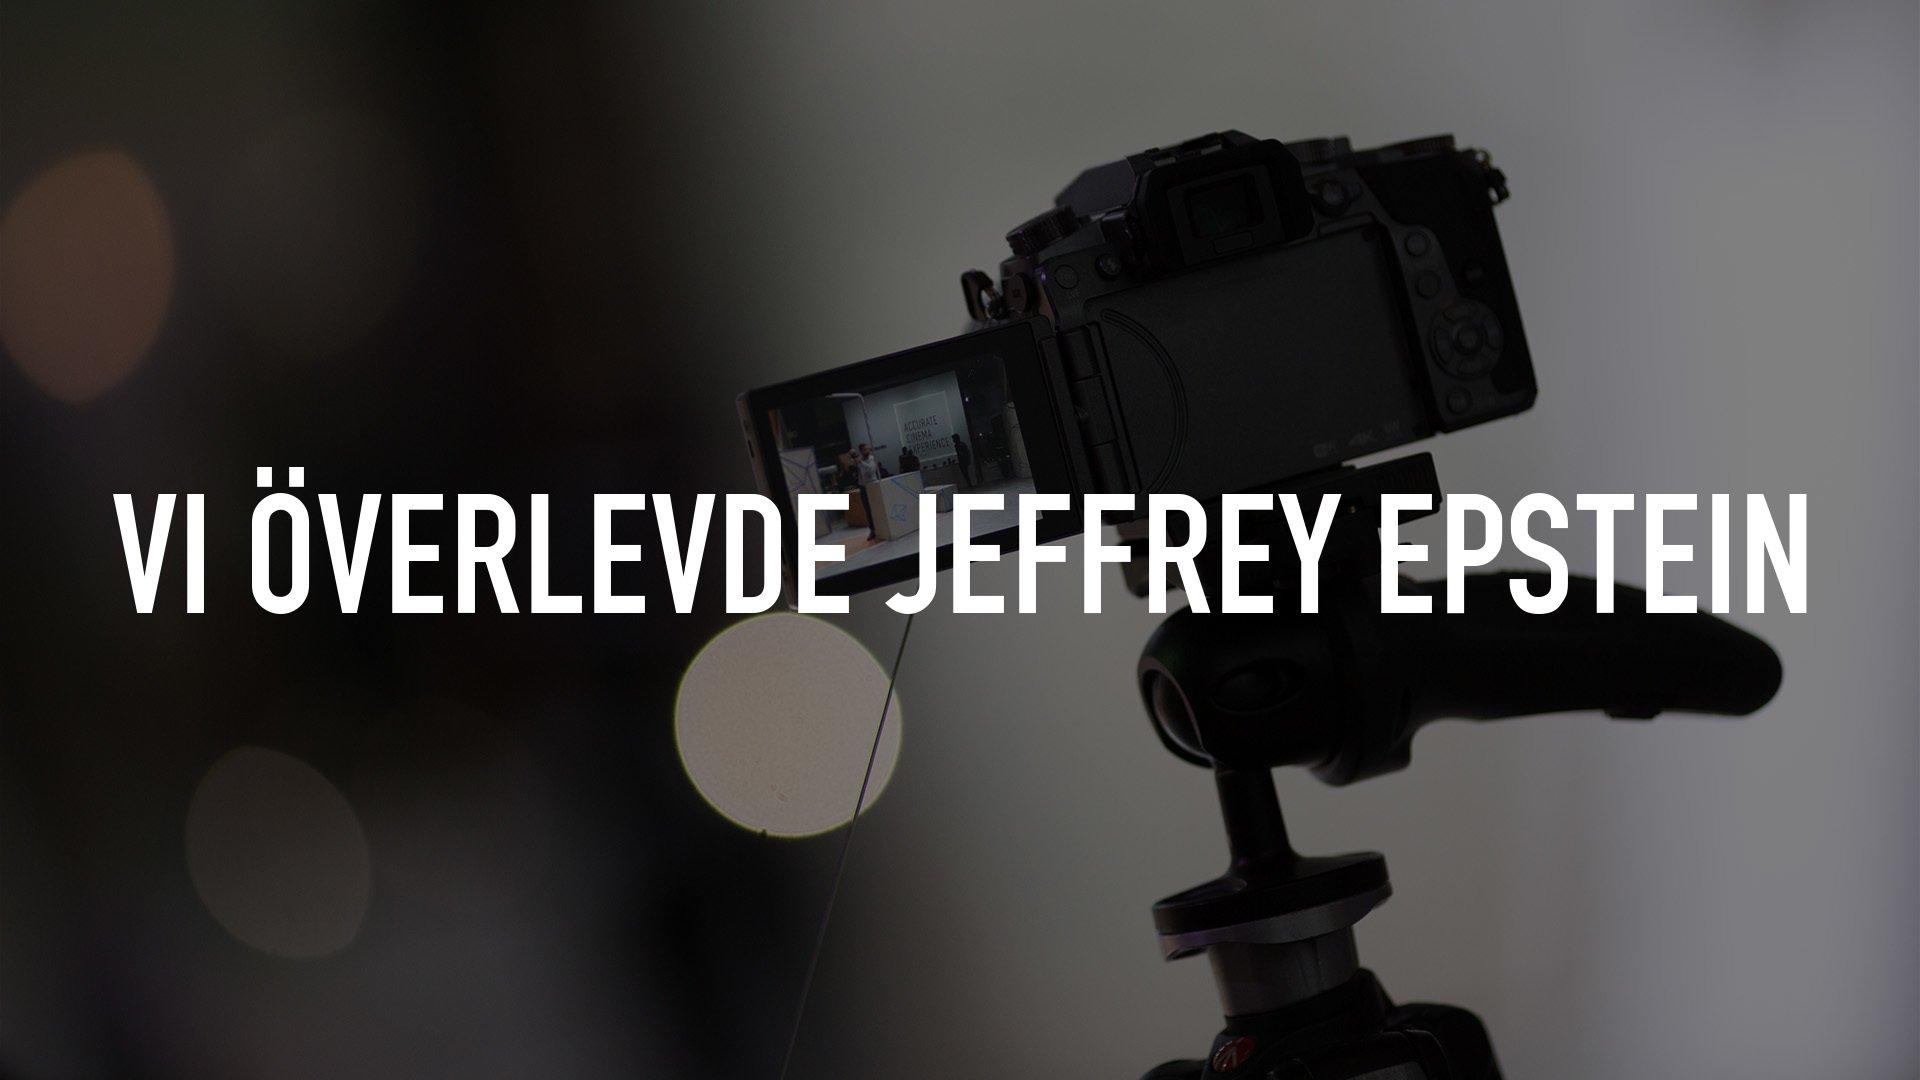 Vi överlevde Jeffrey Epstein